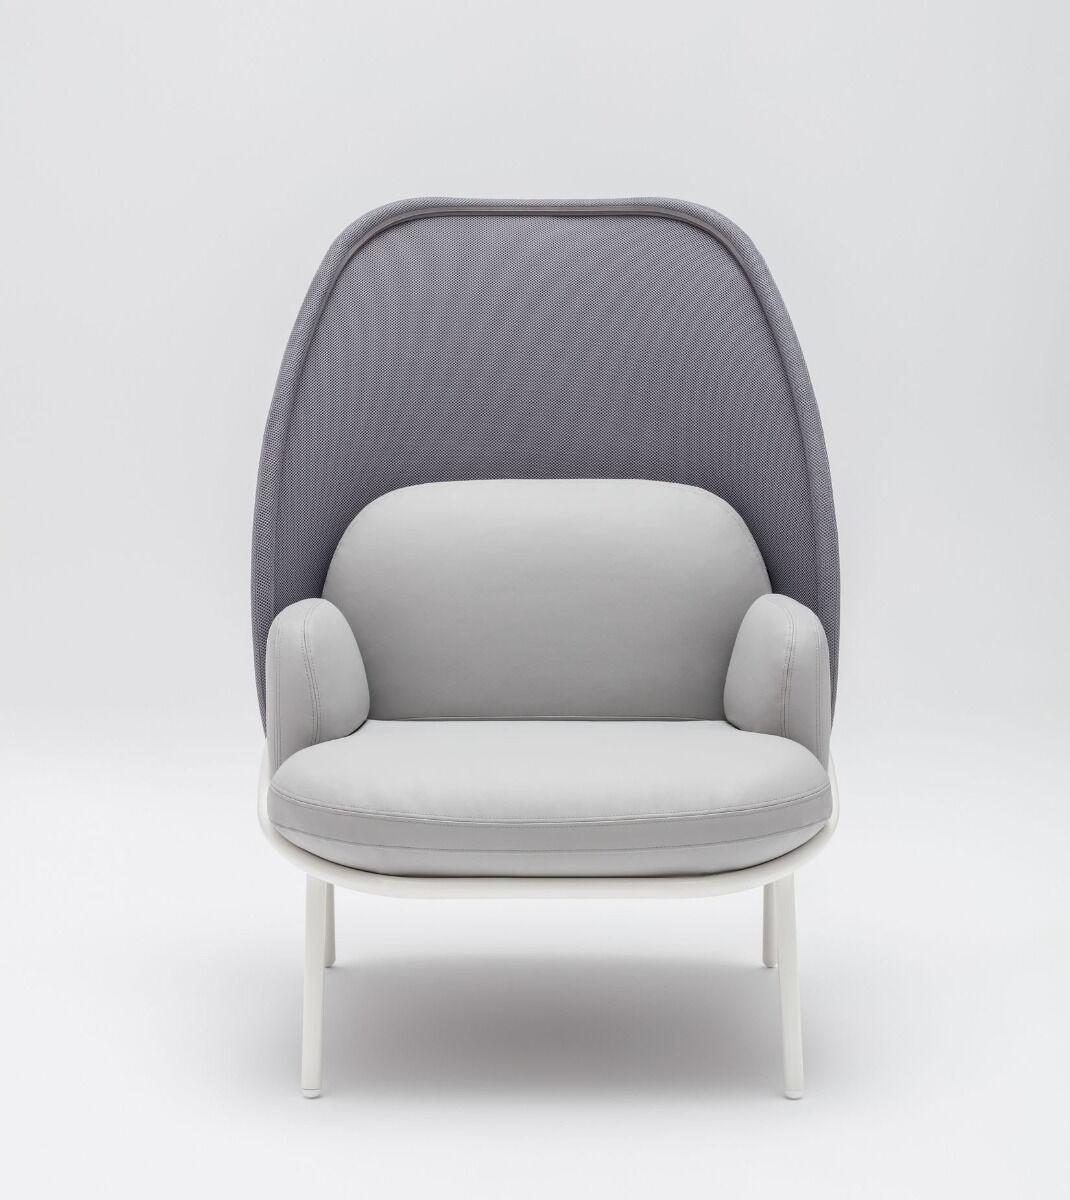 Mesh armchair Fabric: Vita, Runner Colour: V01, R60011 Base colour:  M015